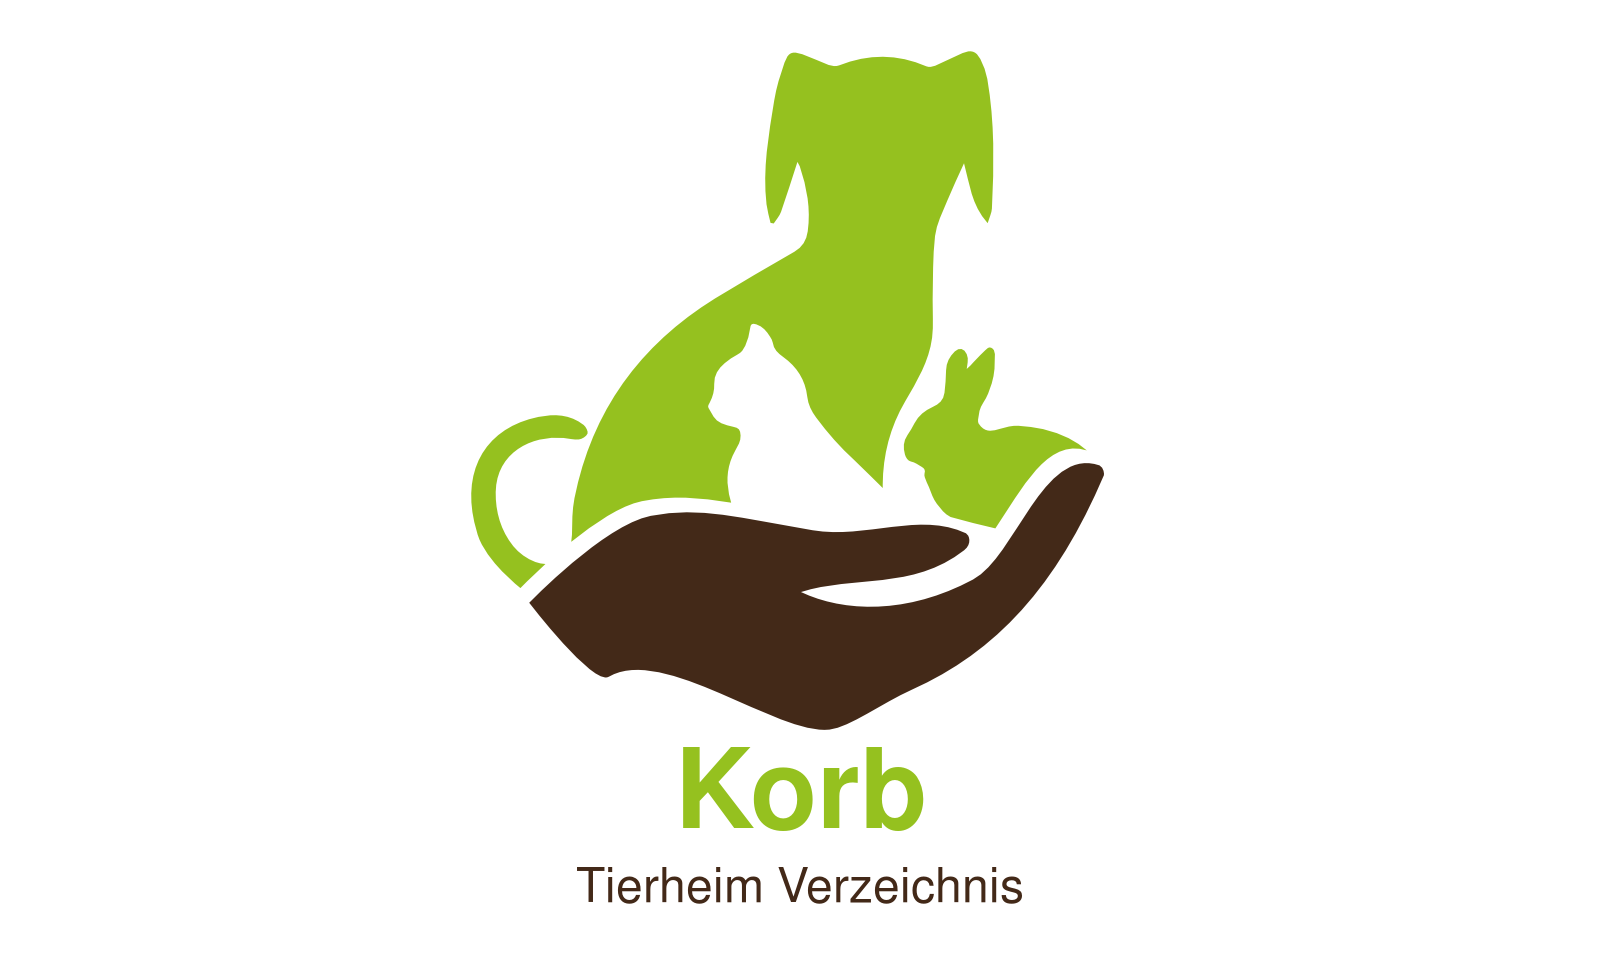 Tierheim Korb